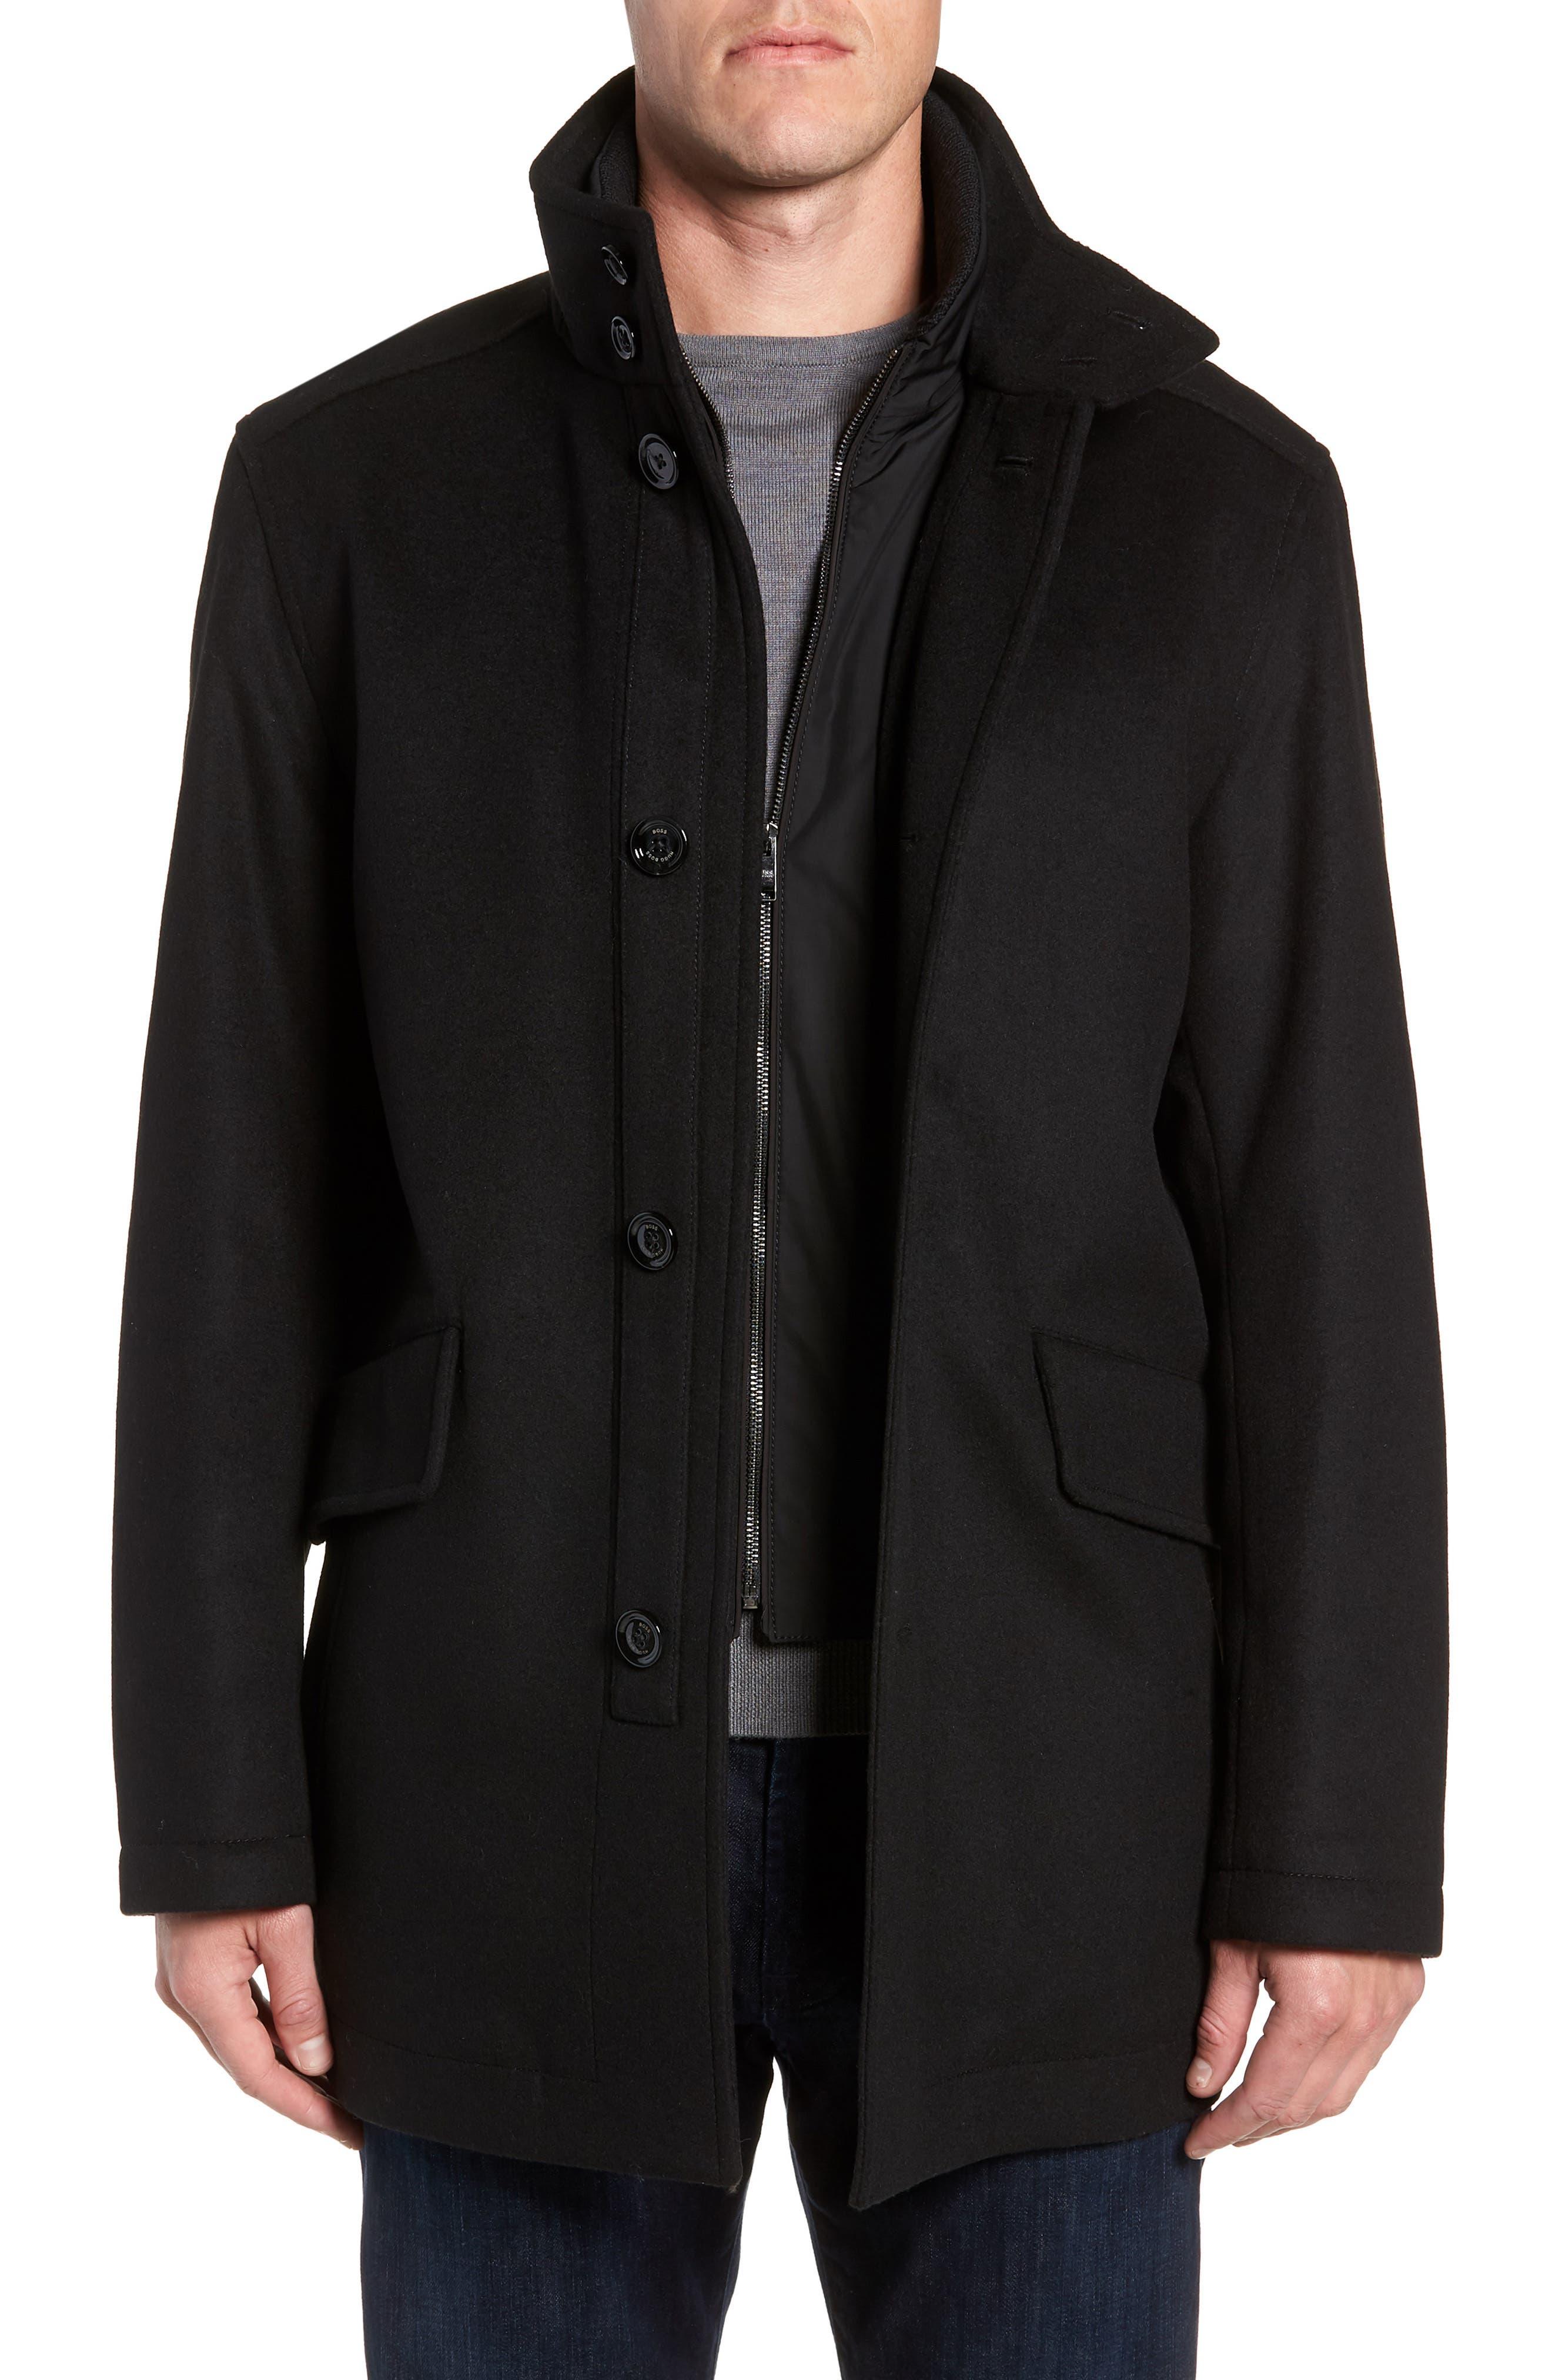 Coxtan Wool Regular Fit Car Coat,                         Main,                         color, BLACK